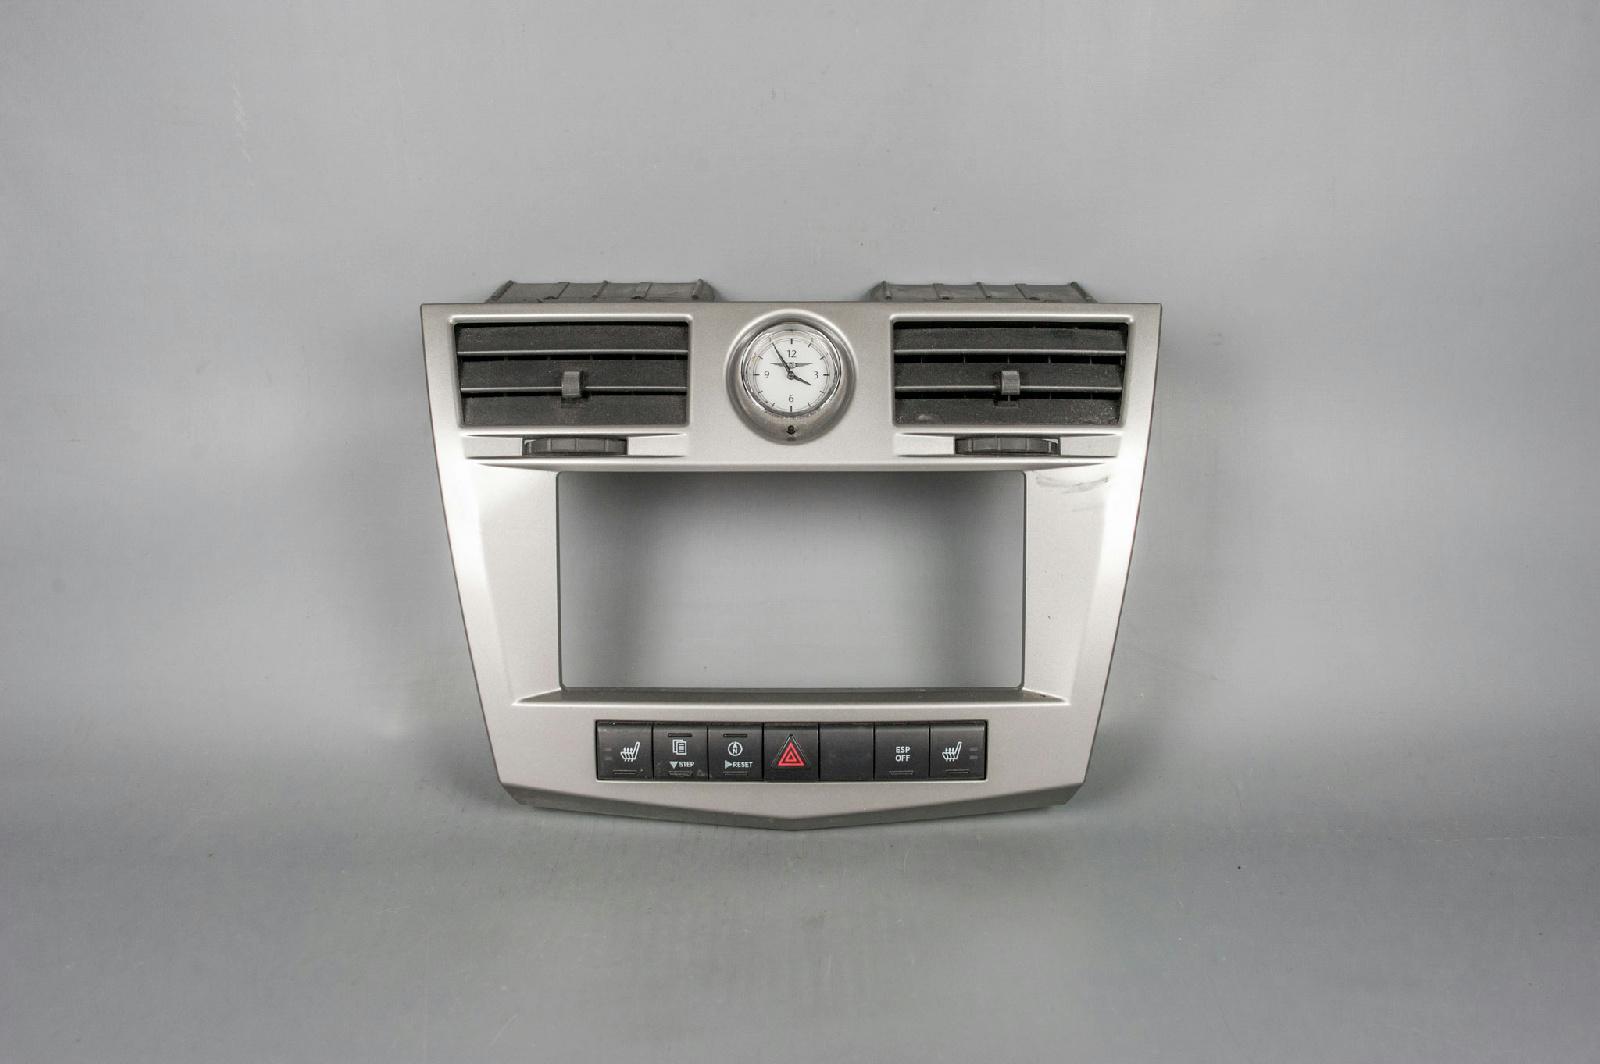 Chrysler Sebring Fuse Box Diagram Free Image About Wiring Diagram